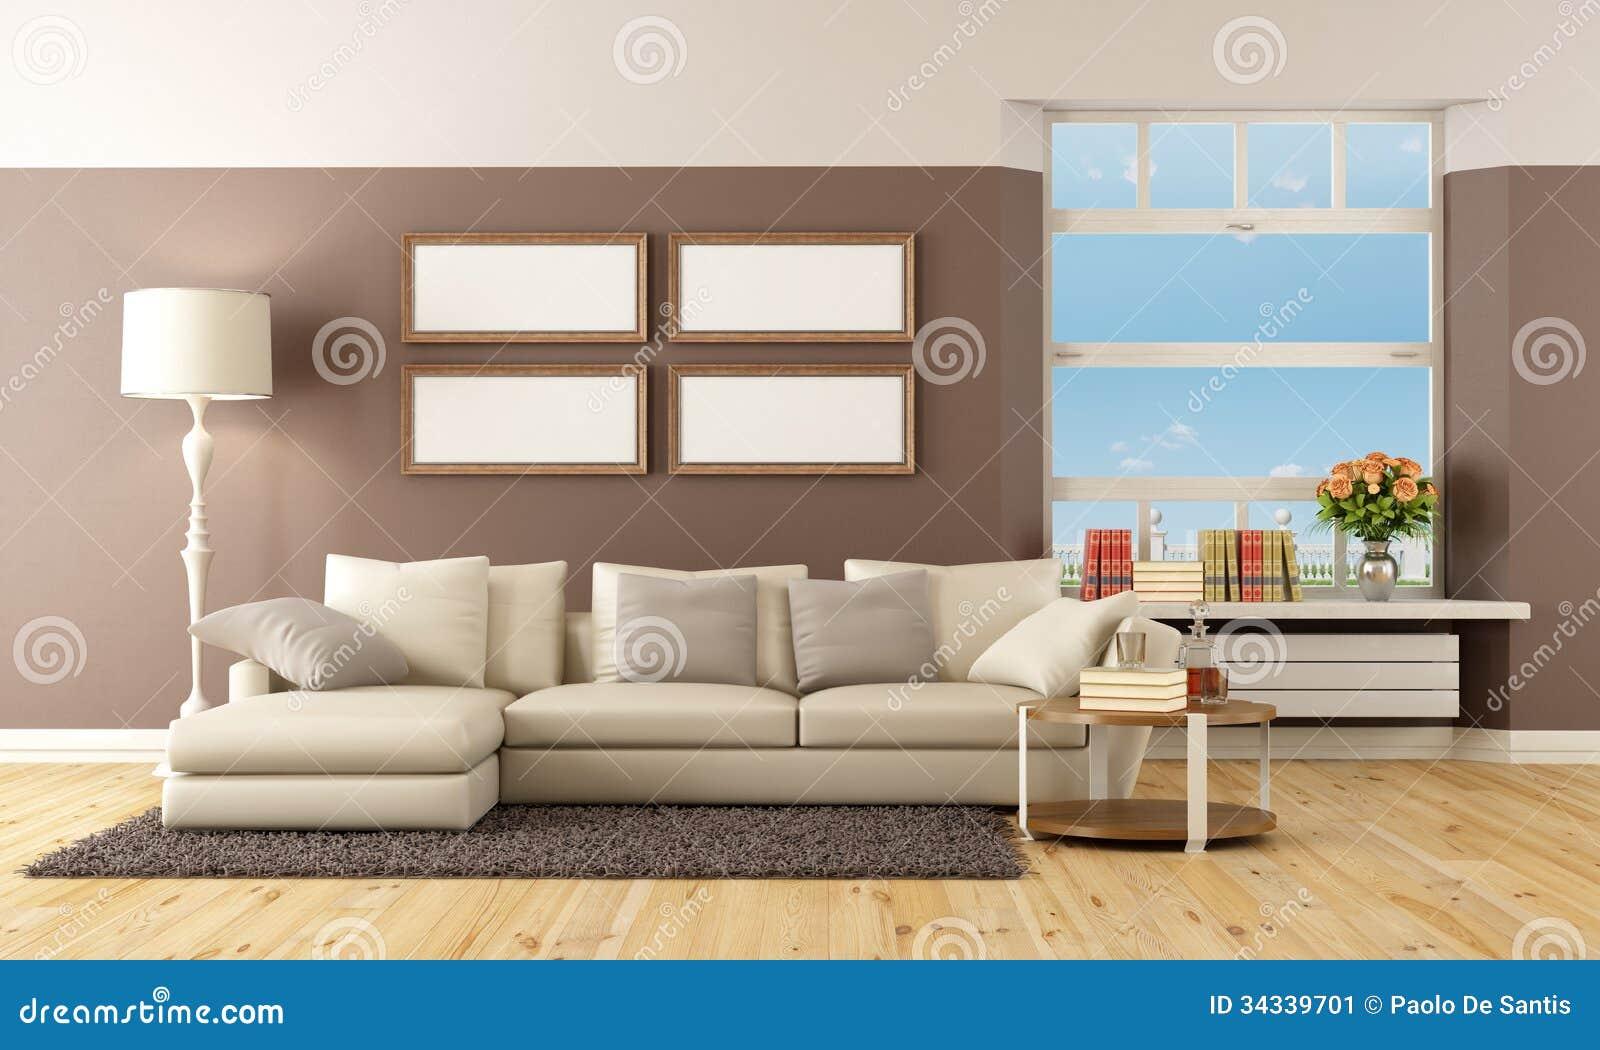 Sala De Estar Marrom Com Vermelho ~ Sala De Estar Bege E Marrom Imagem de Stock  Imagem 34339701